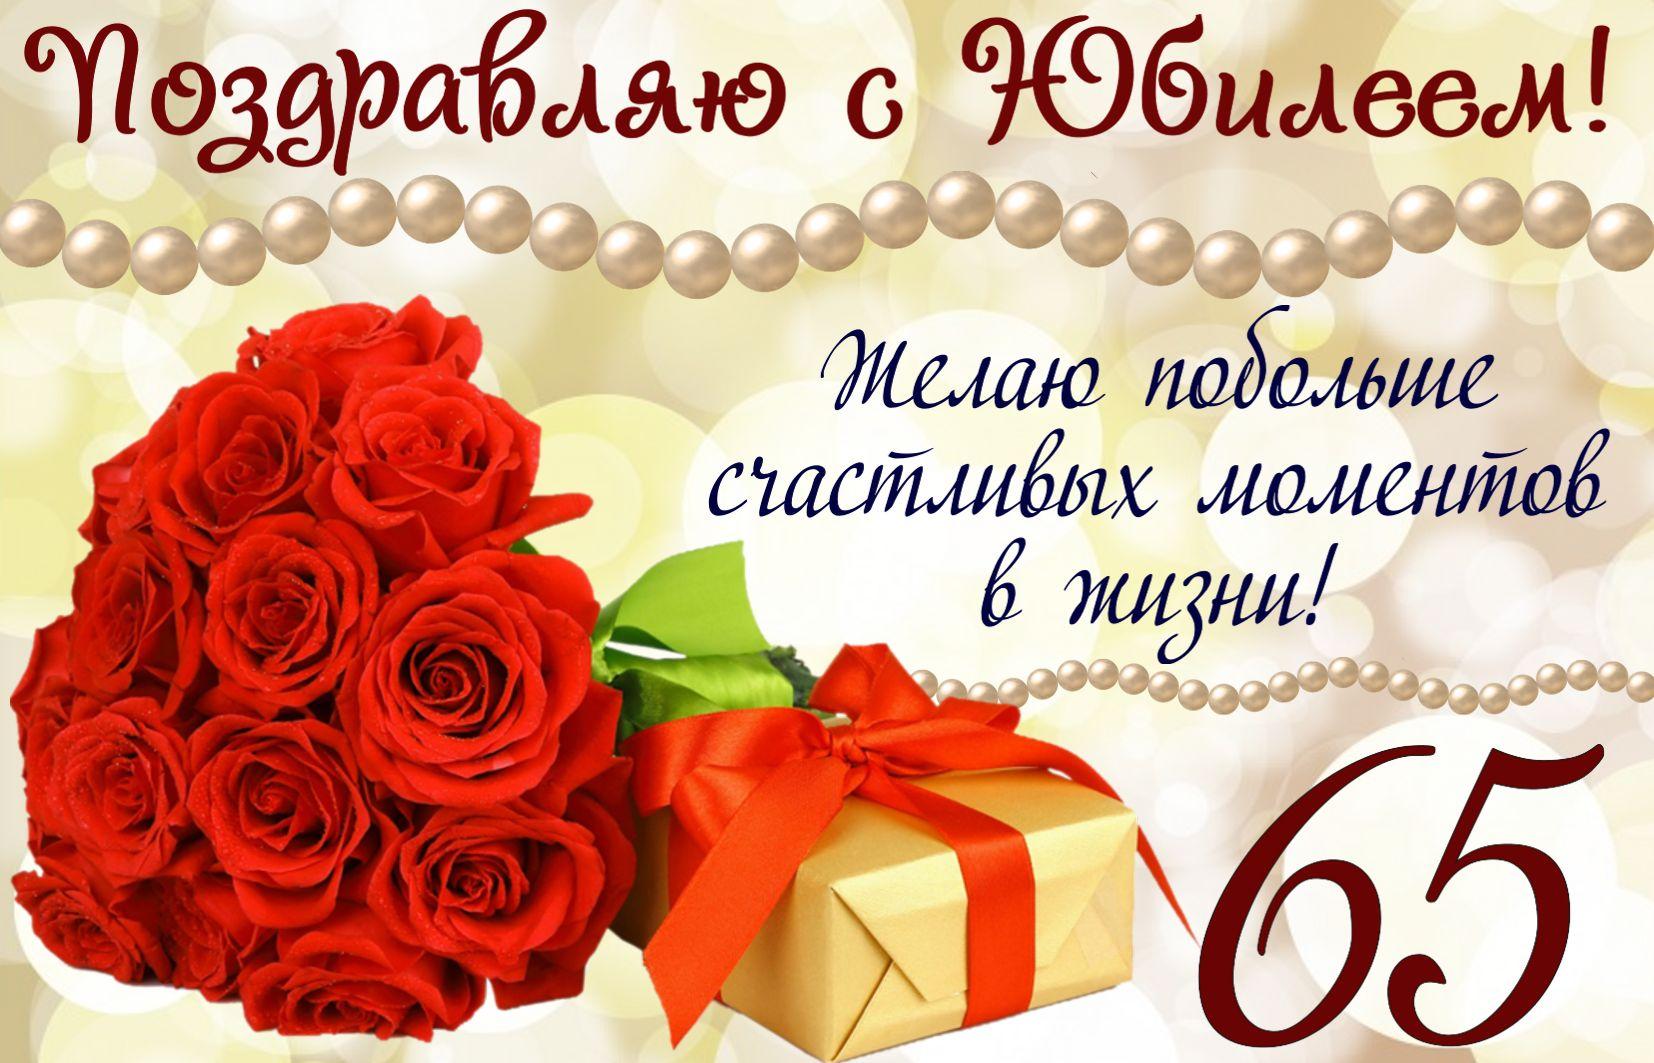 Букет роз и подарок на 65 День рождения